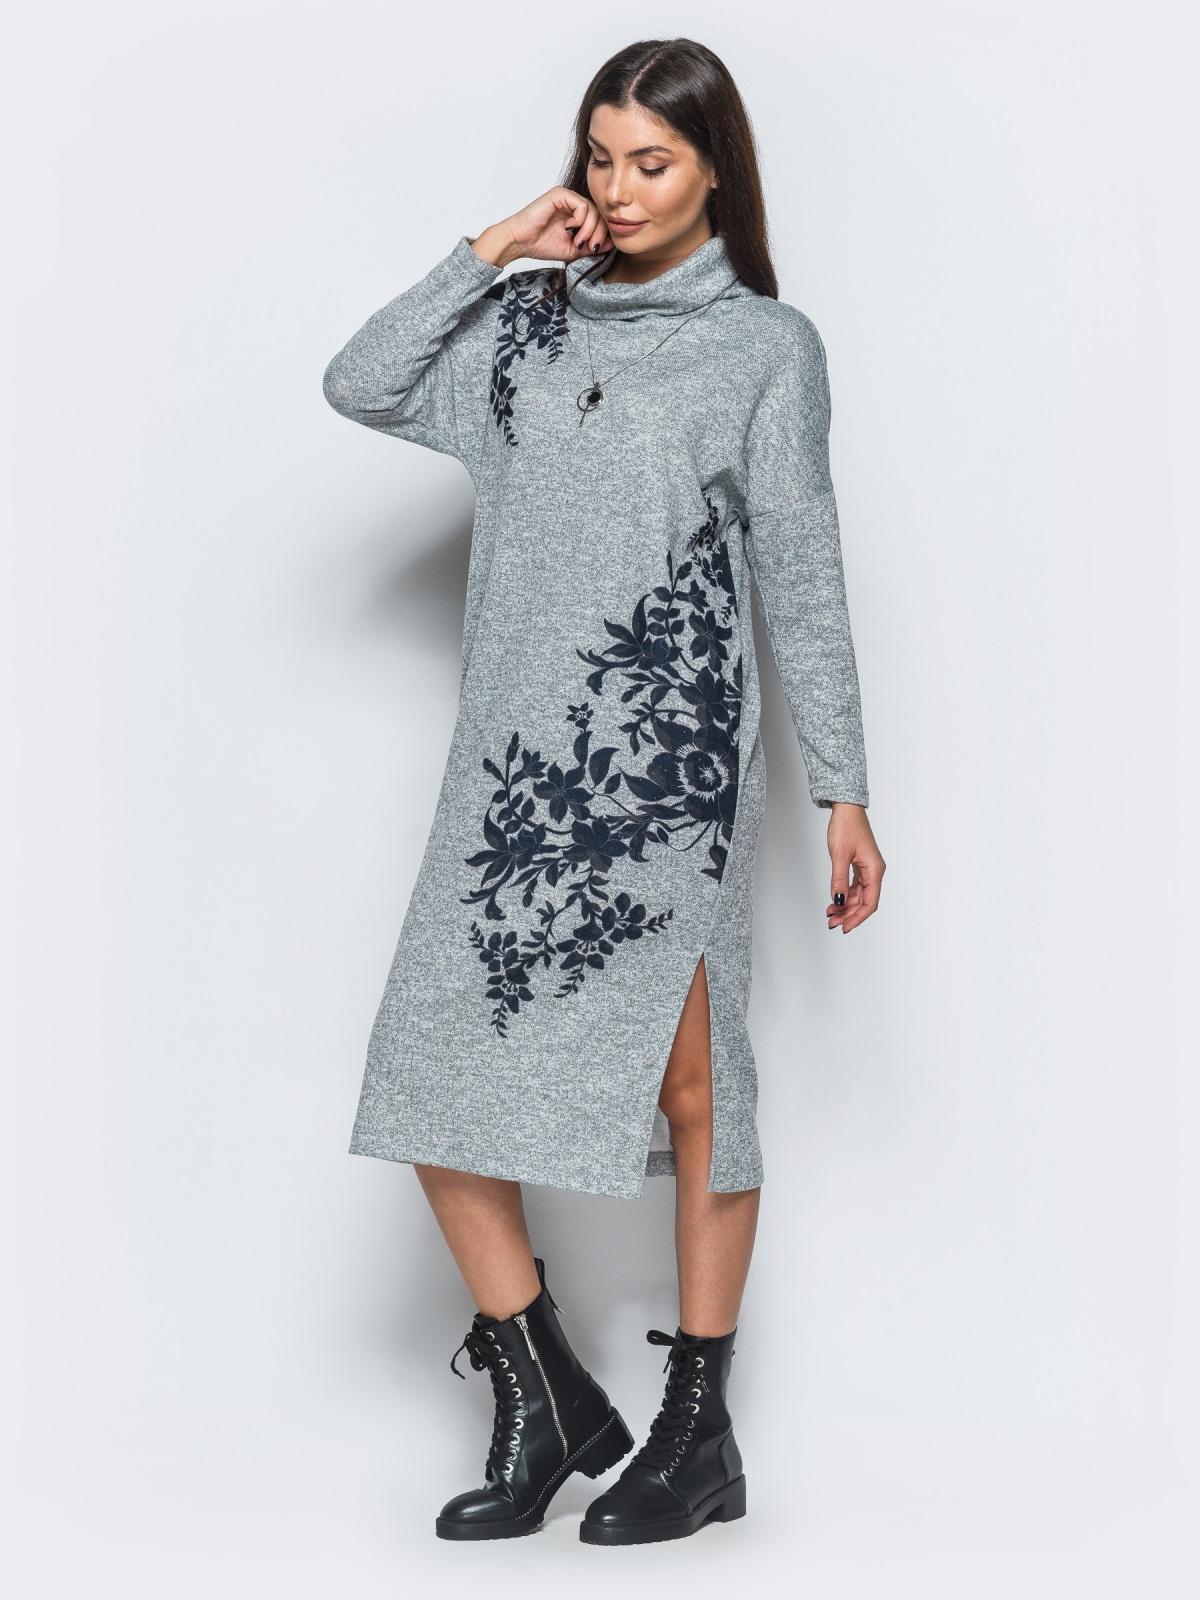 Меланжевое платье серого цвета в стиле oversize - 17595, фото 1 – интернет-магазин Dressa